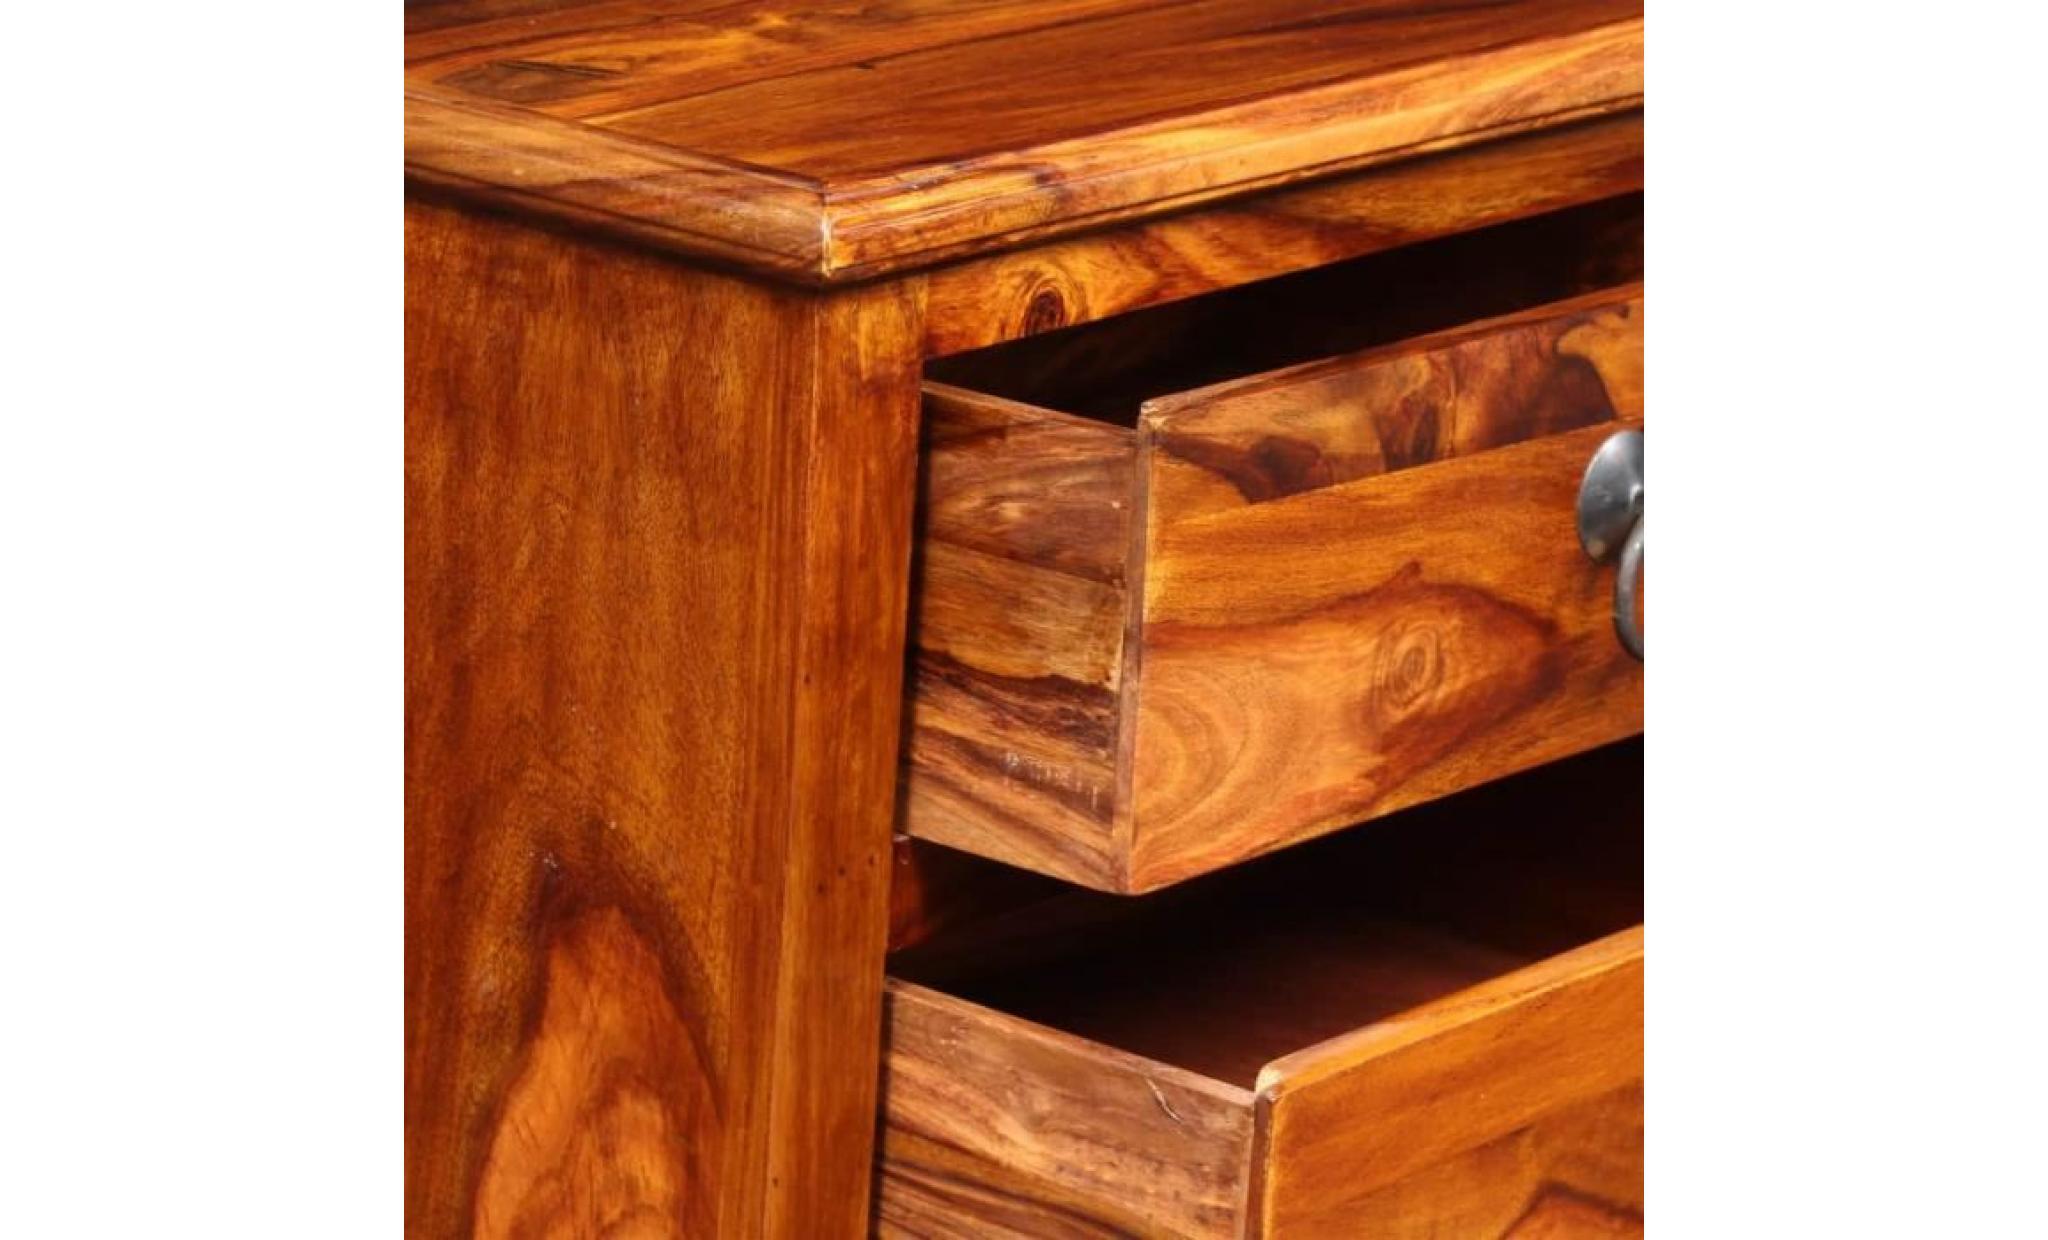 meuble tv meuble salon support tv bois massif de sesahm 116 x 30 x 40 cm achat vente meuble tv pas cher couleur et design fr